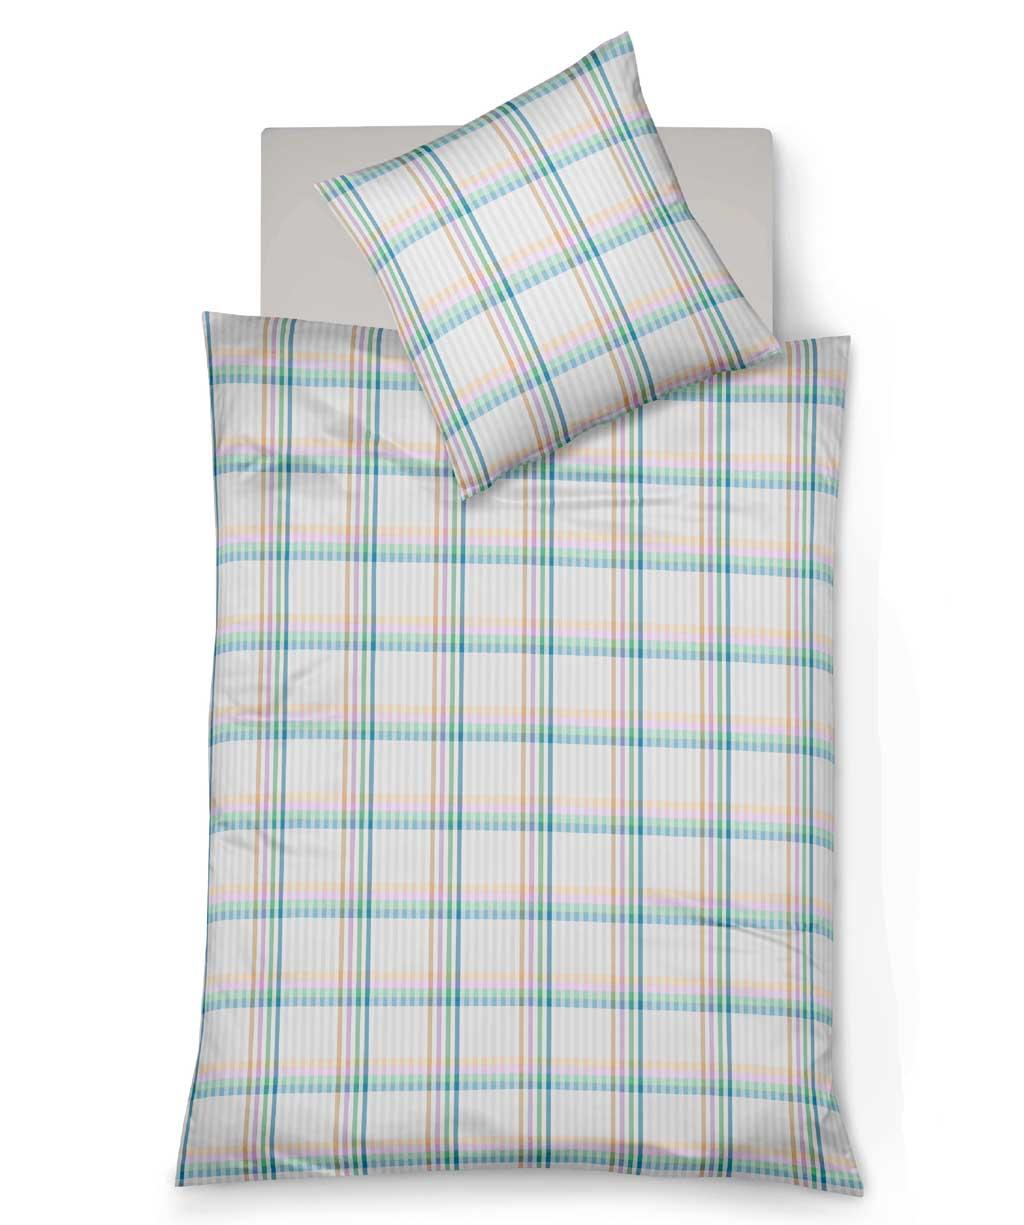 Hochwertige Mako Batist Bettwäsche mit sommerlich bunten Karos